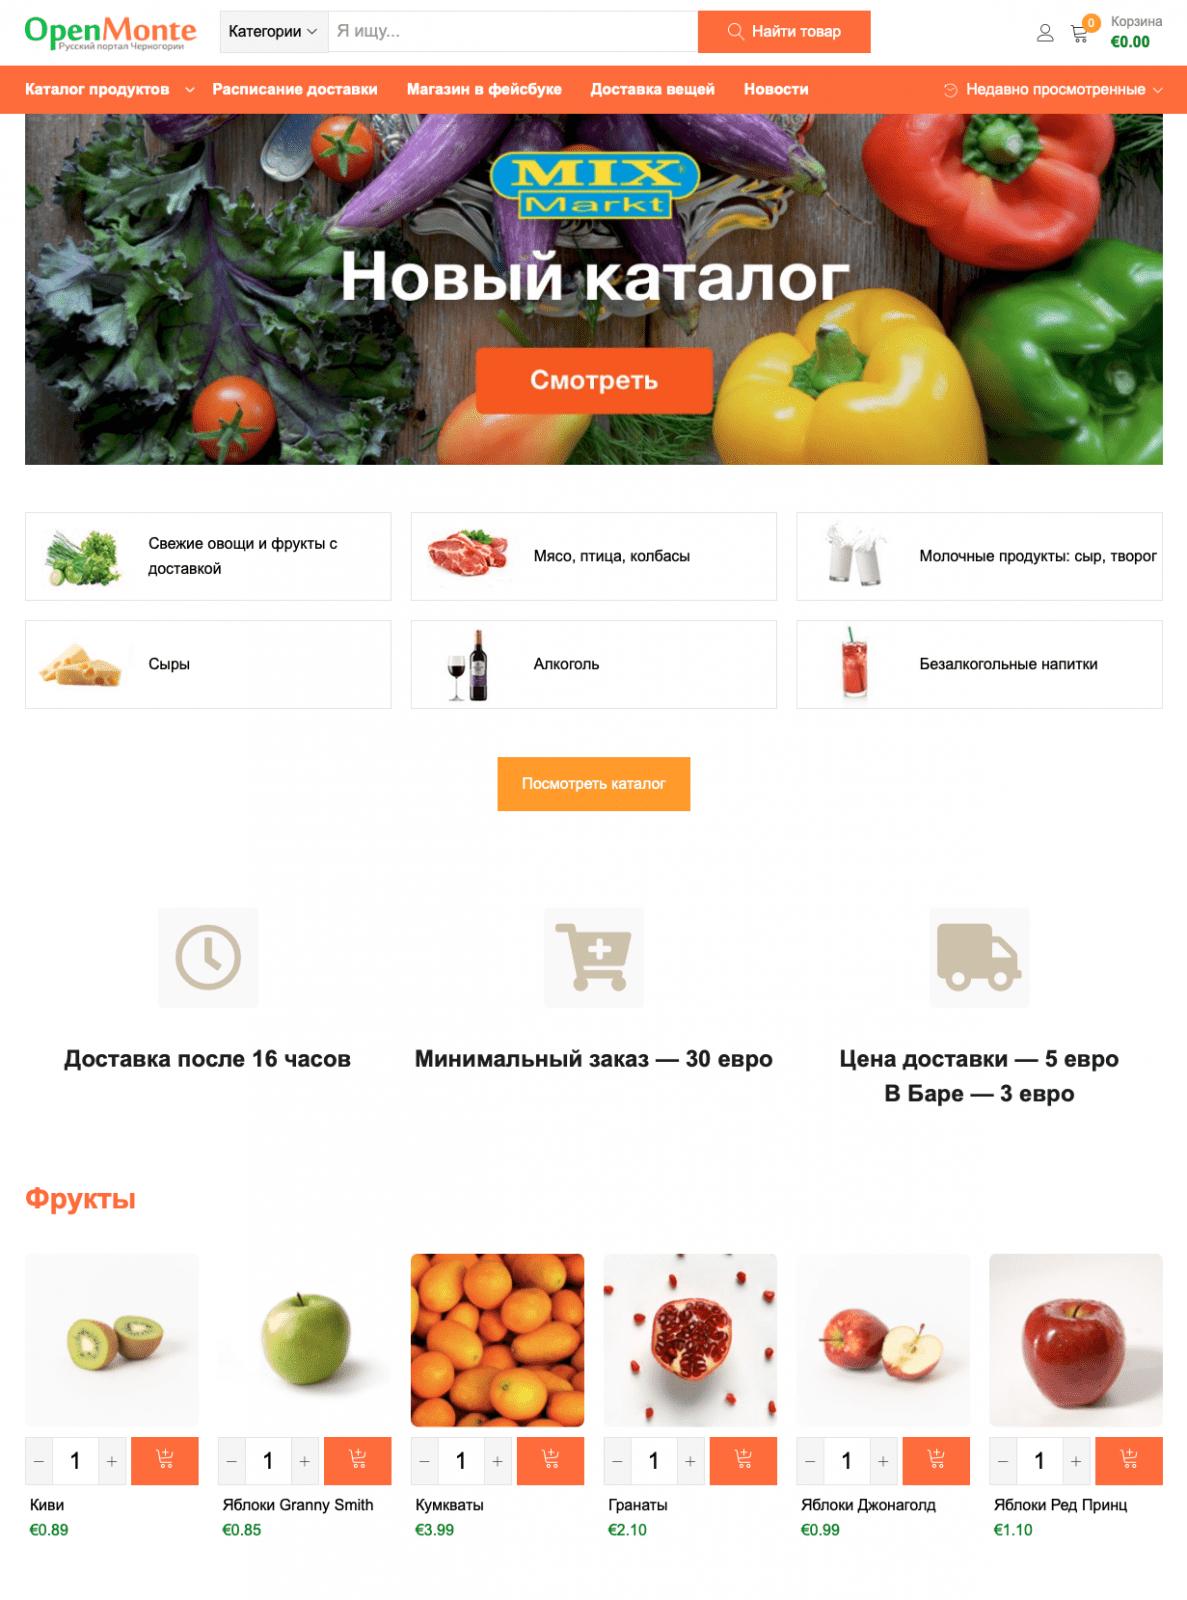 интернет-магазин МиксМаркт в Черногории с доставкой продуктов